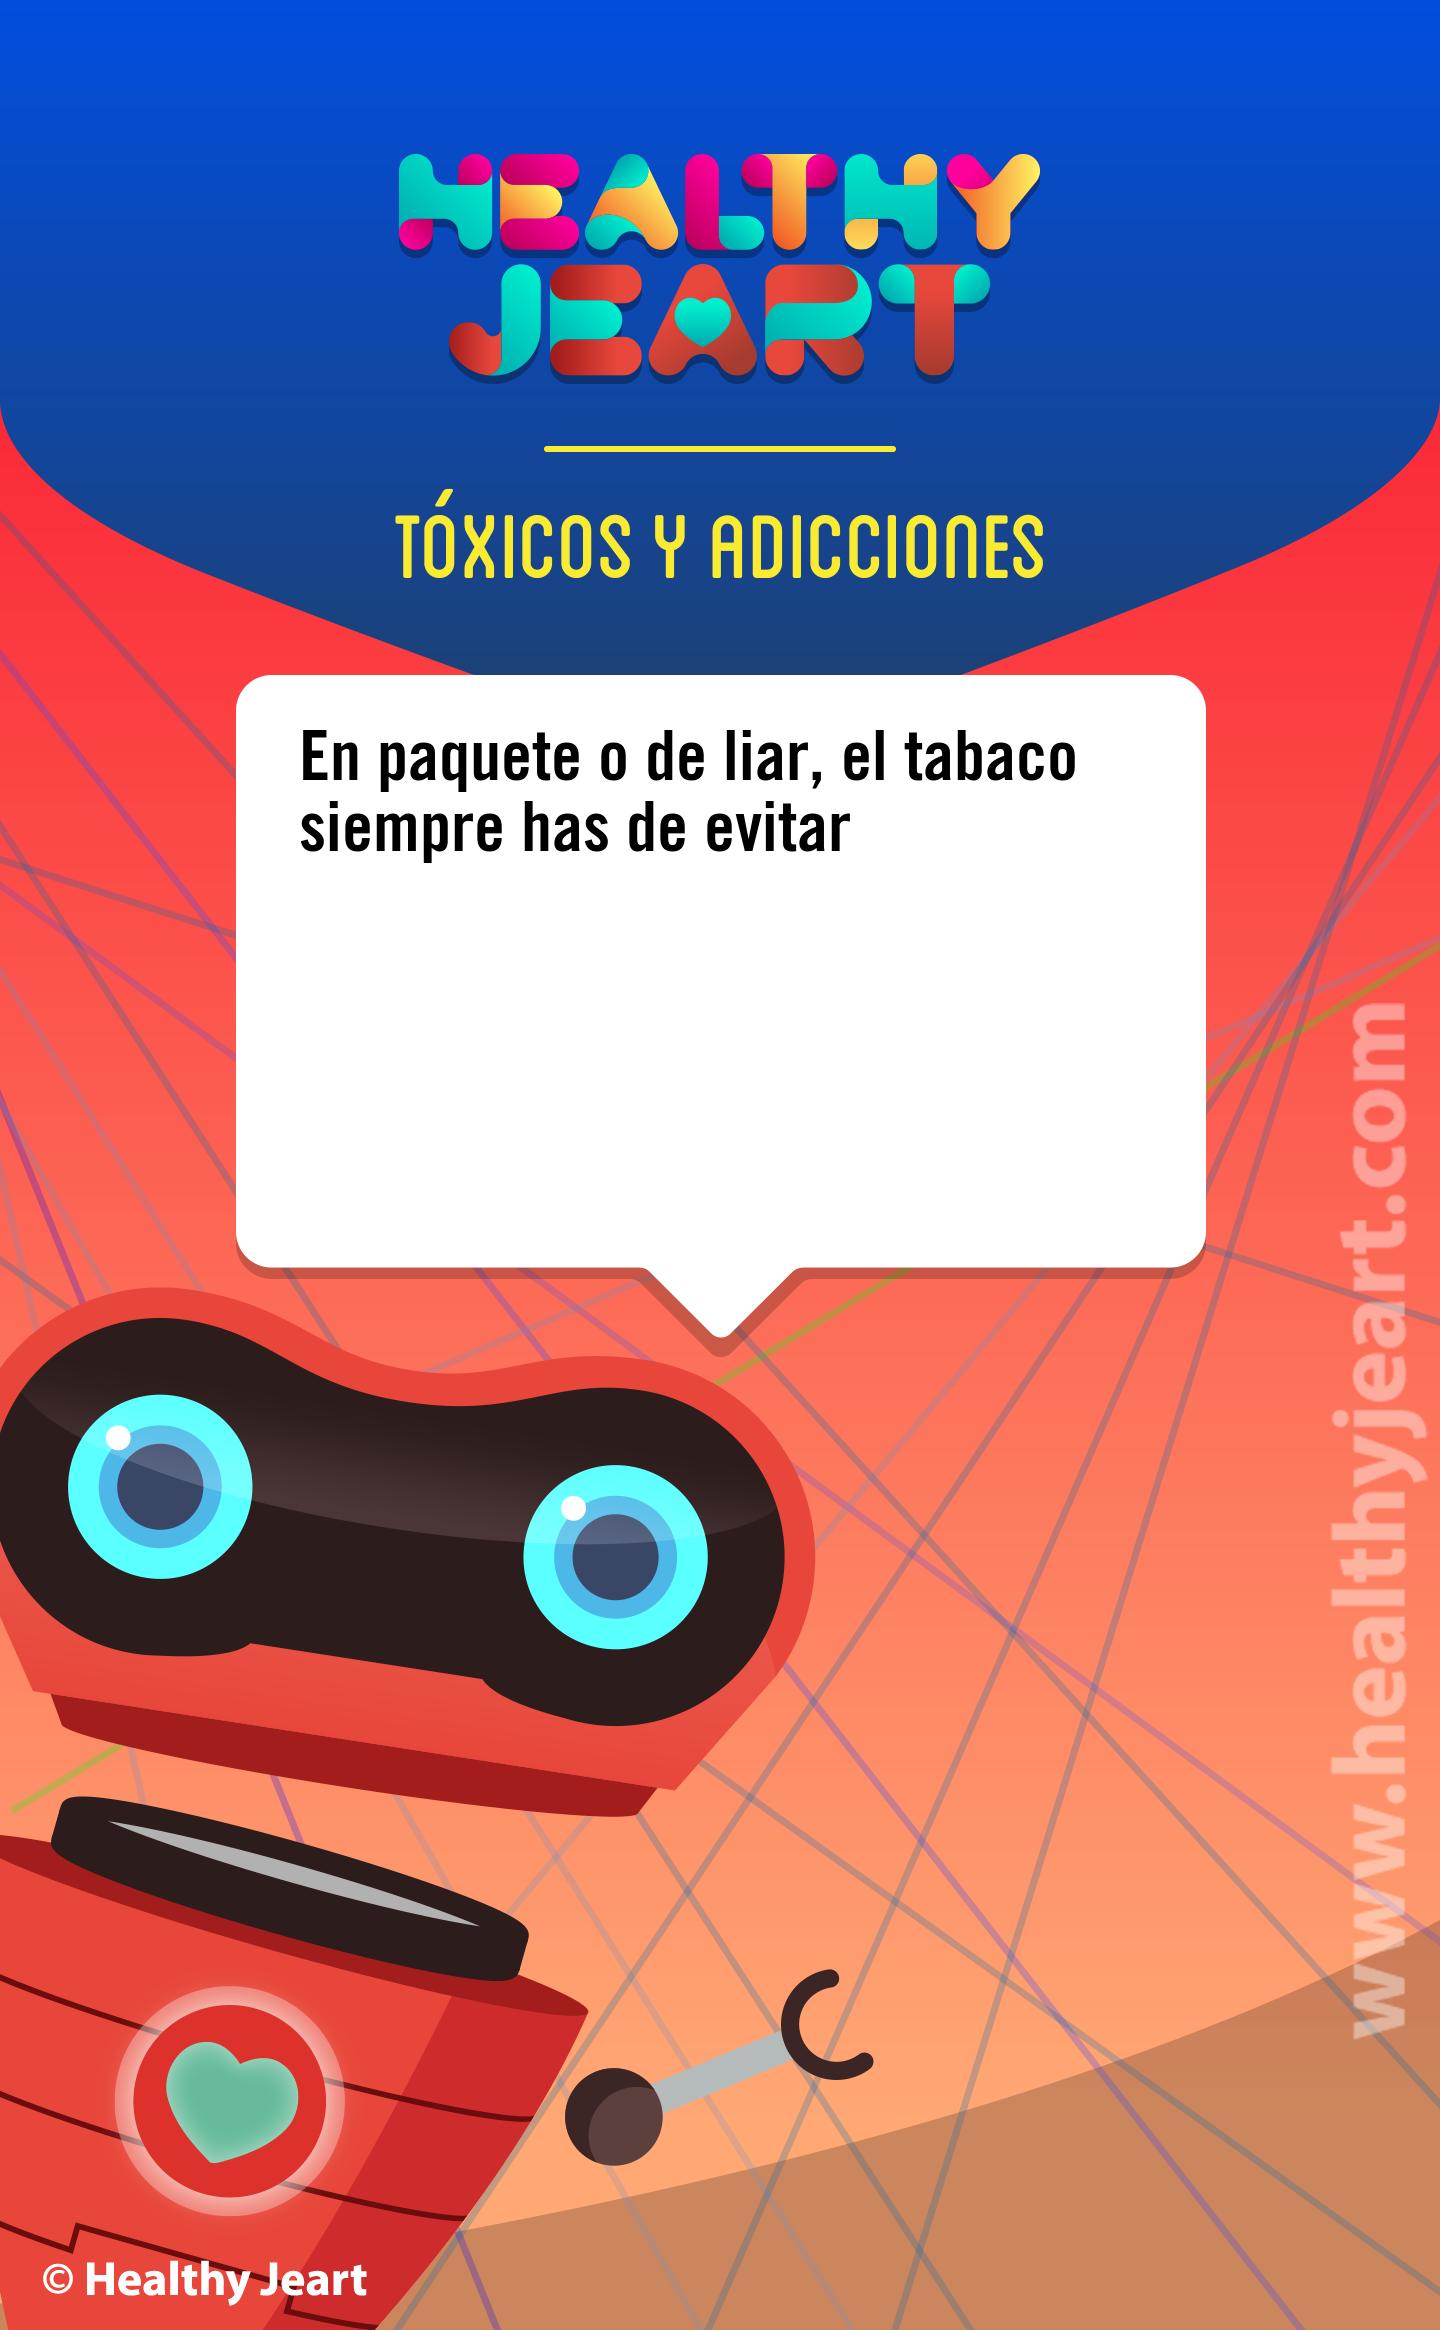 En paquete de liar, el tabaco siempre has de evitar